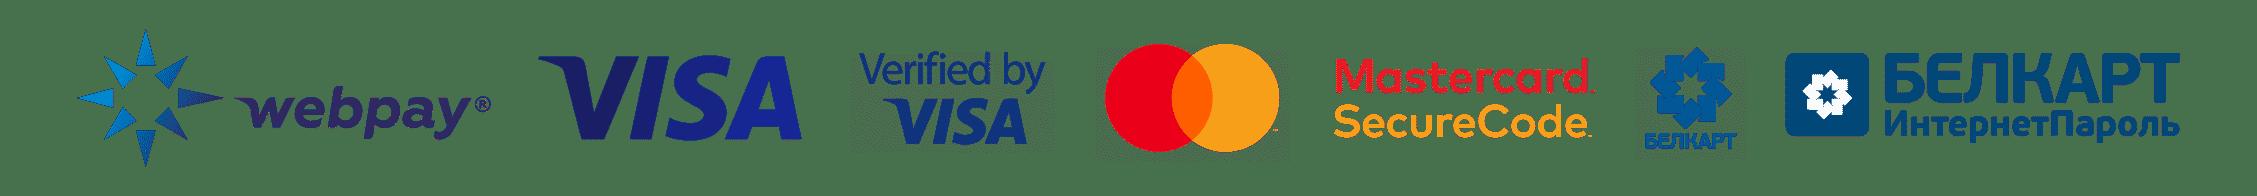 логотипы webpay